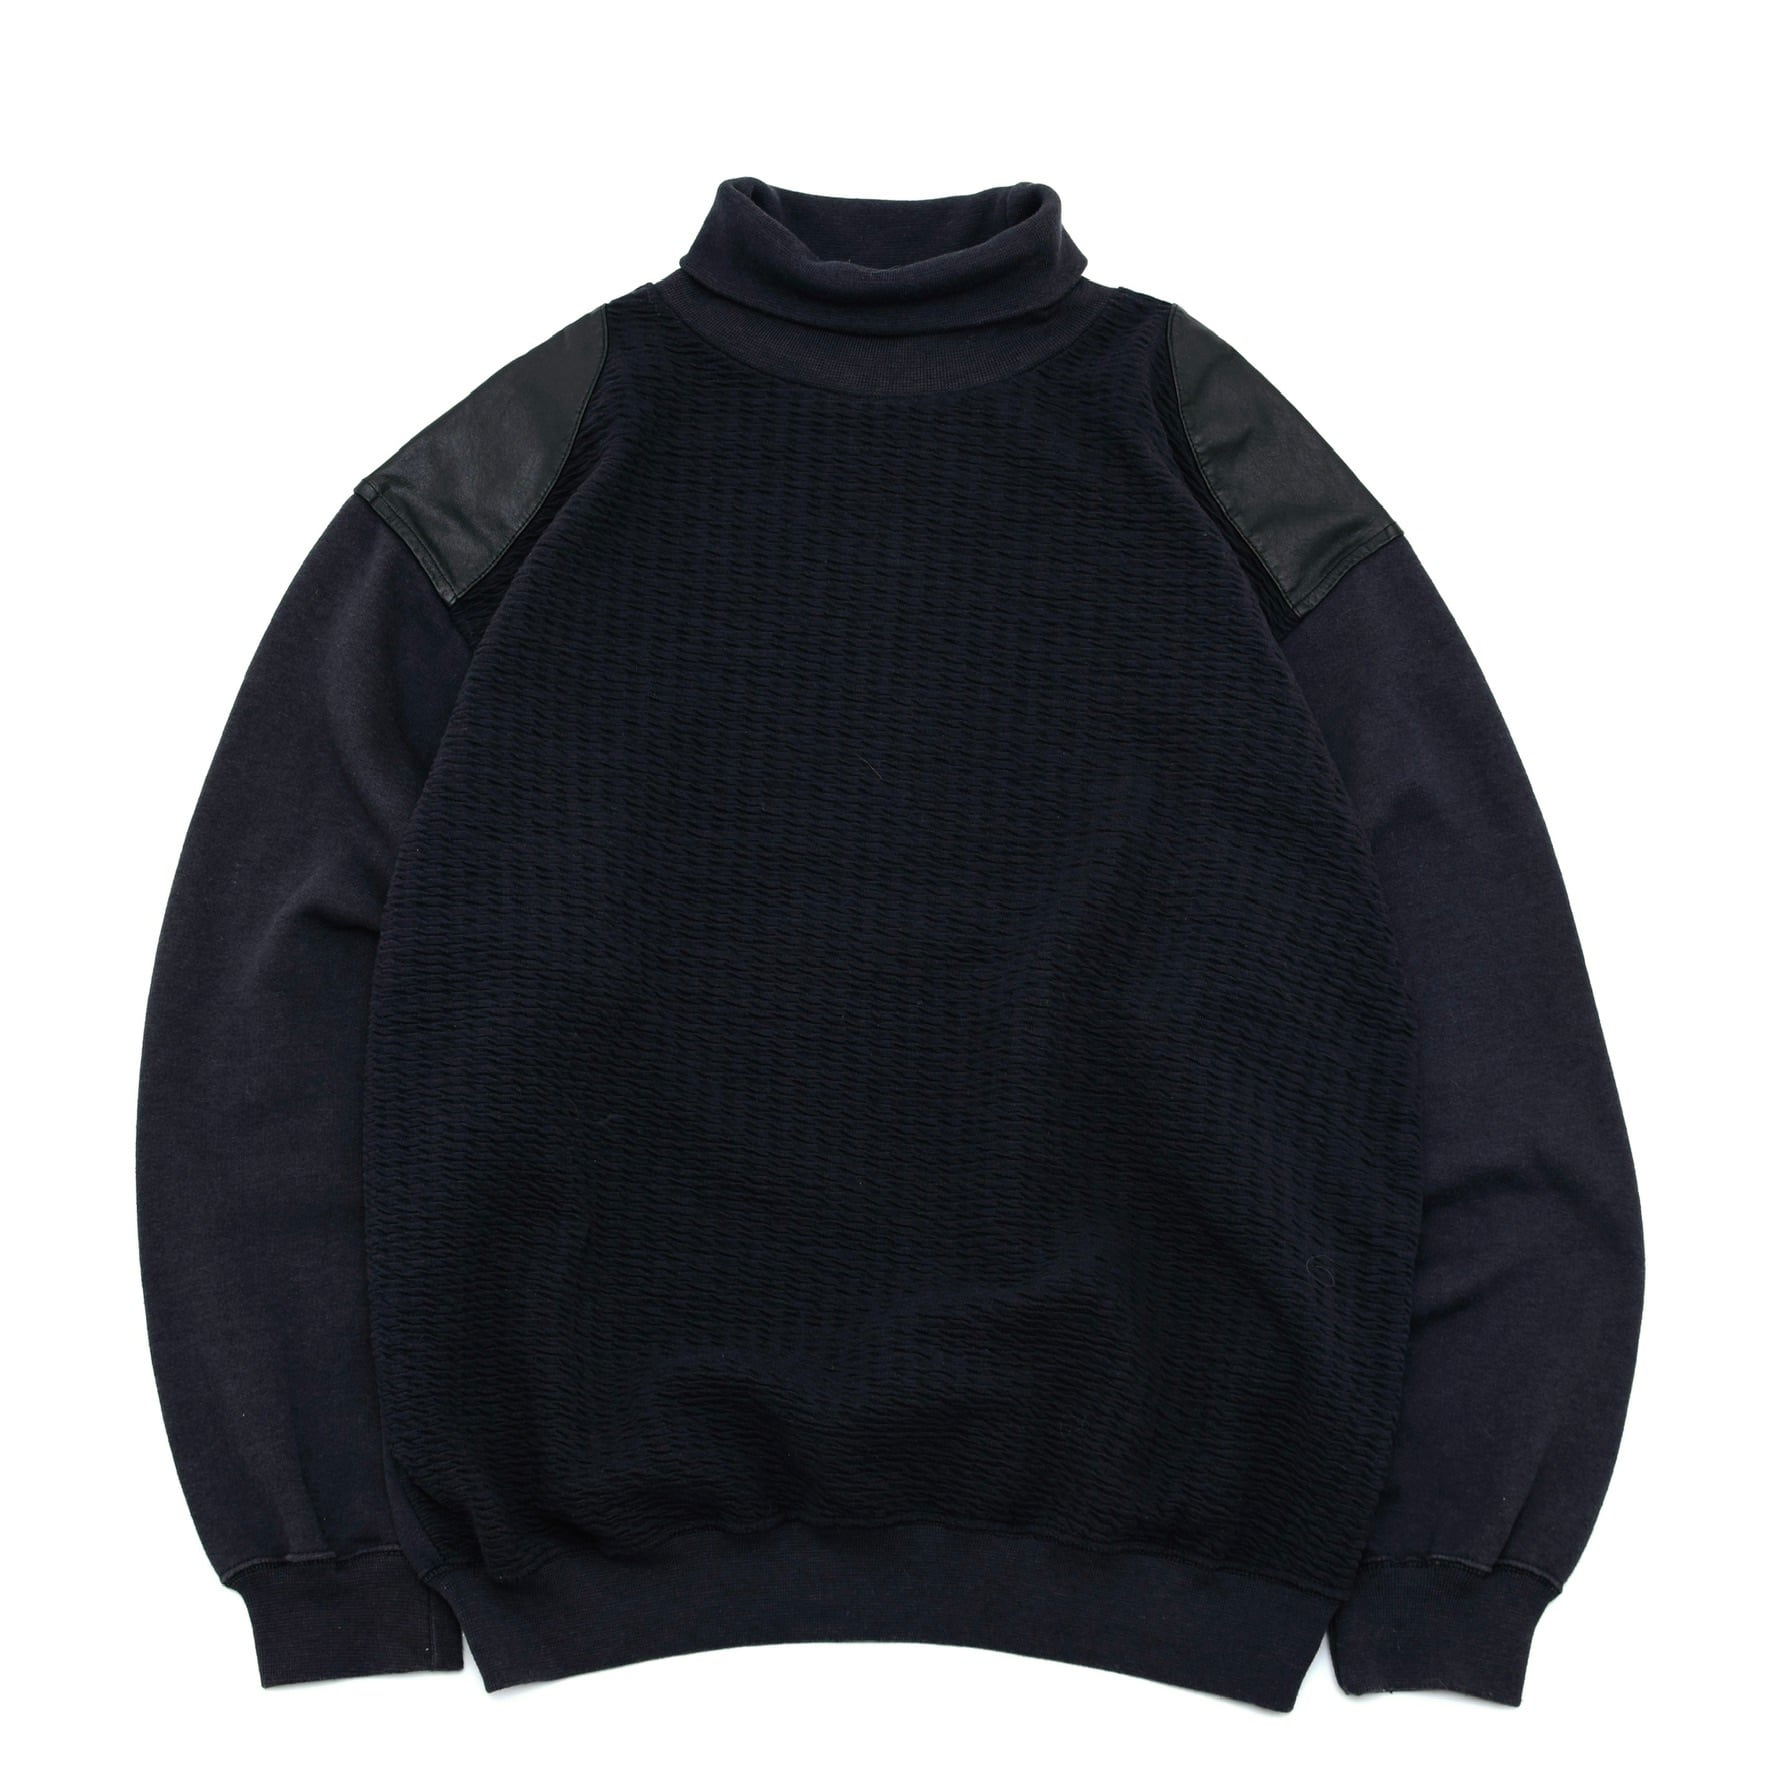 Leather switching turtle neck sweatshirt